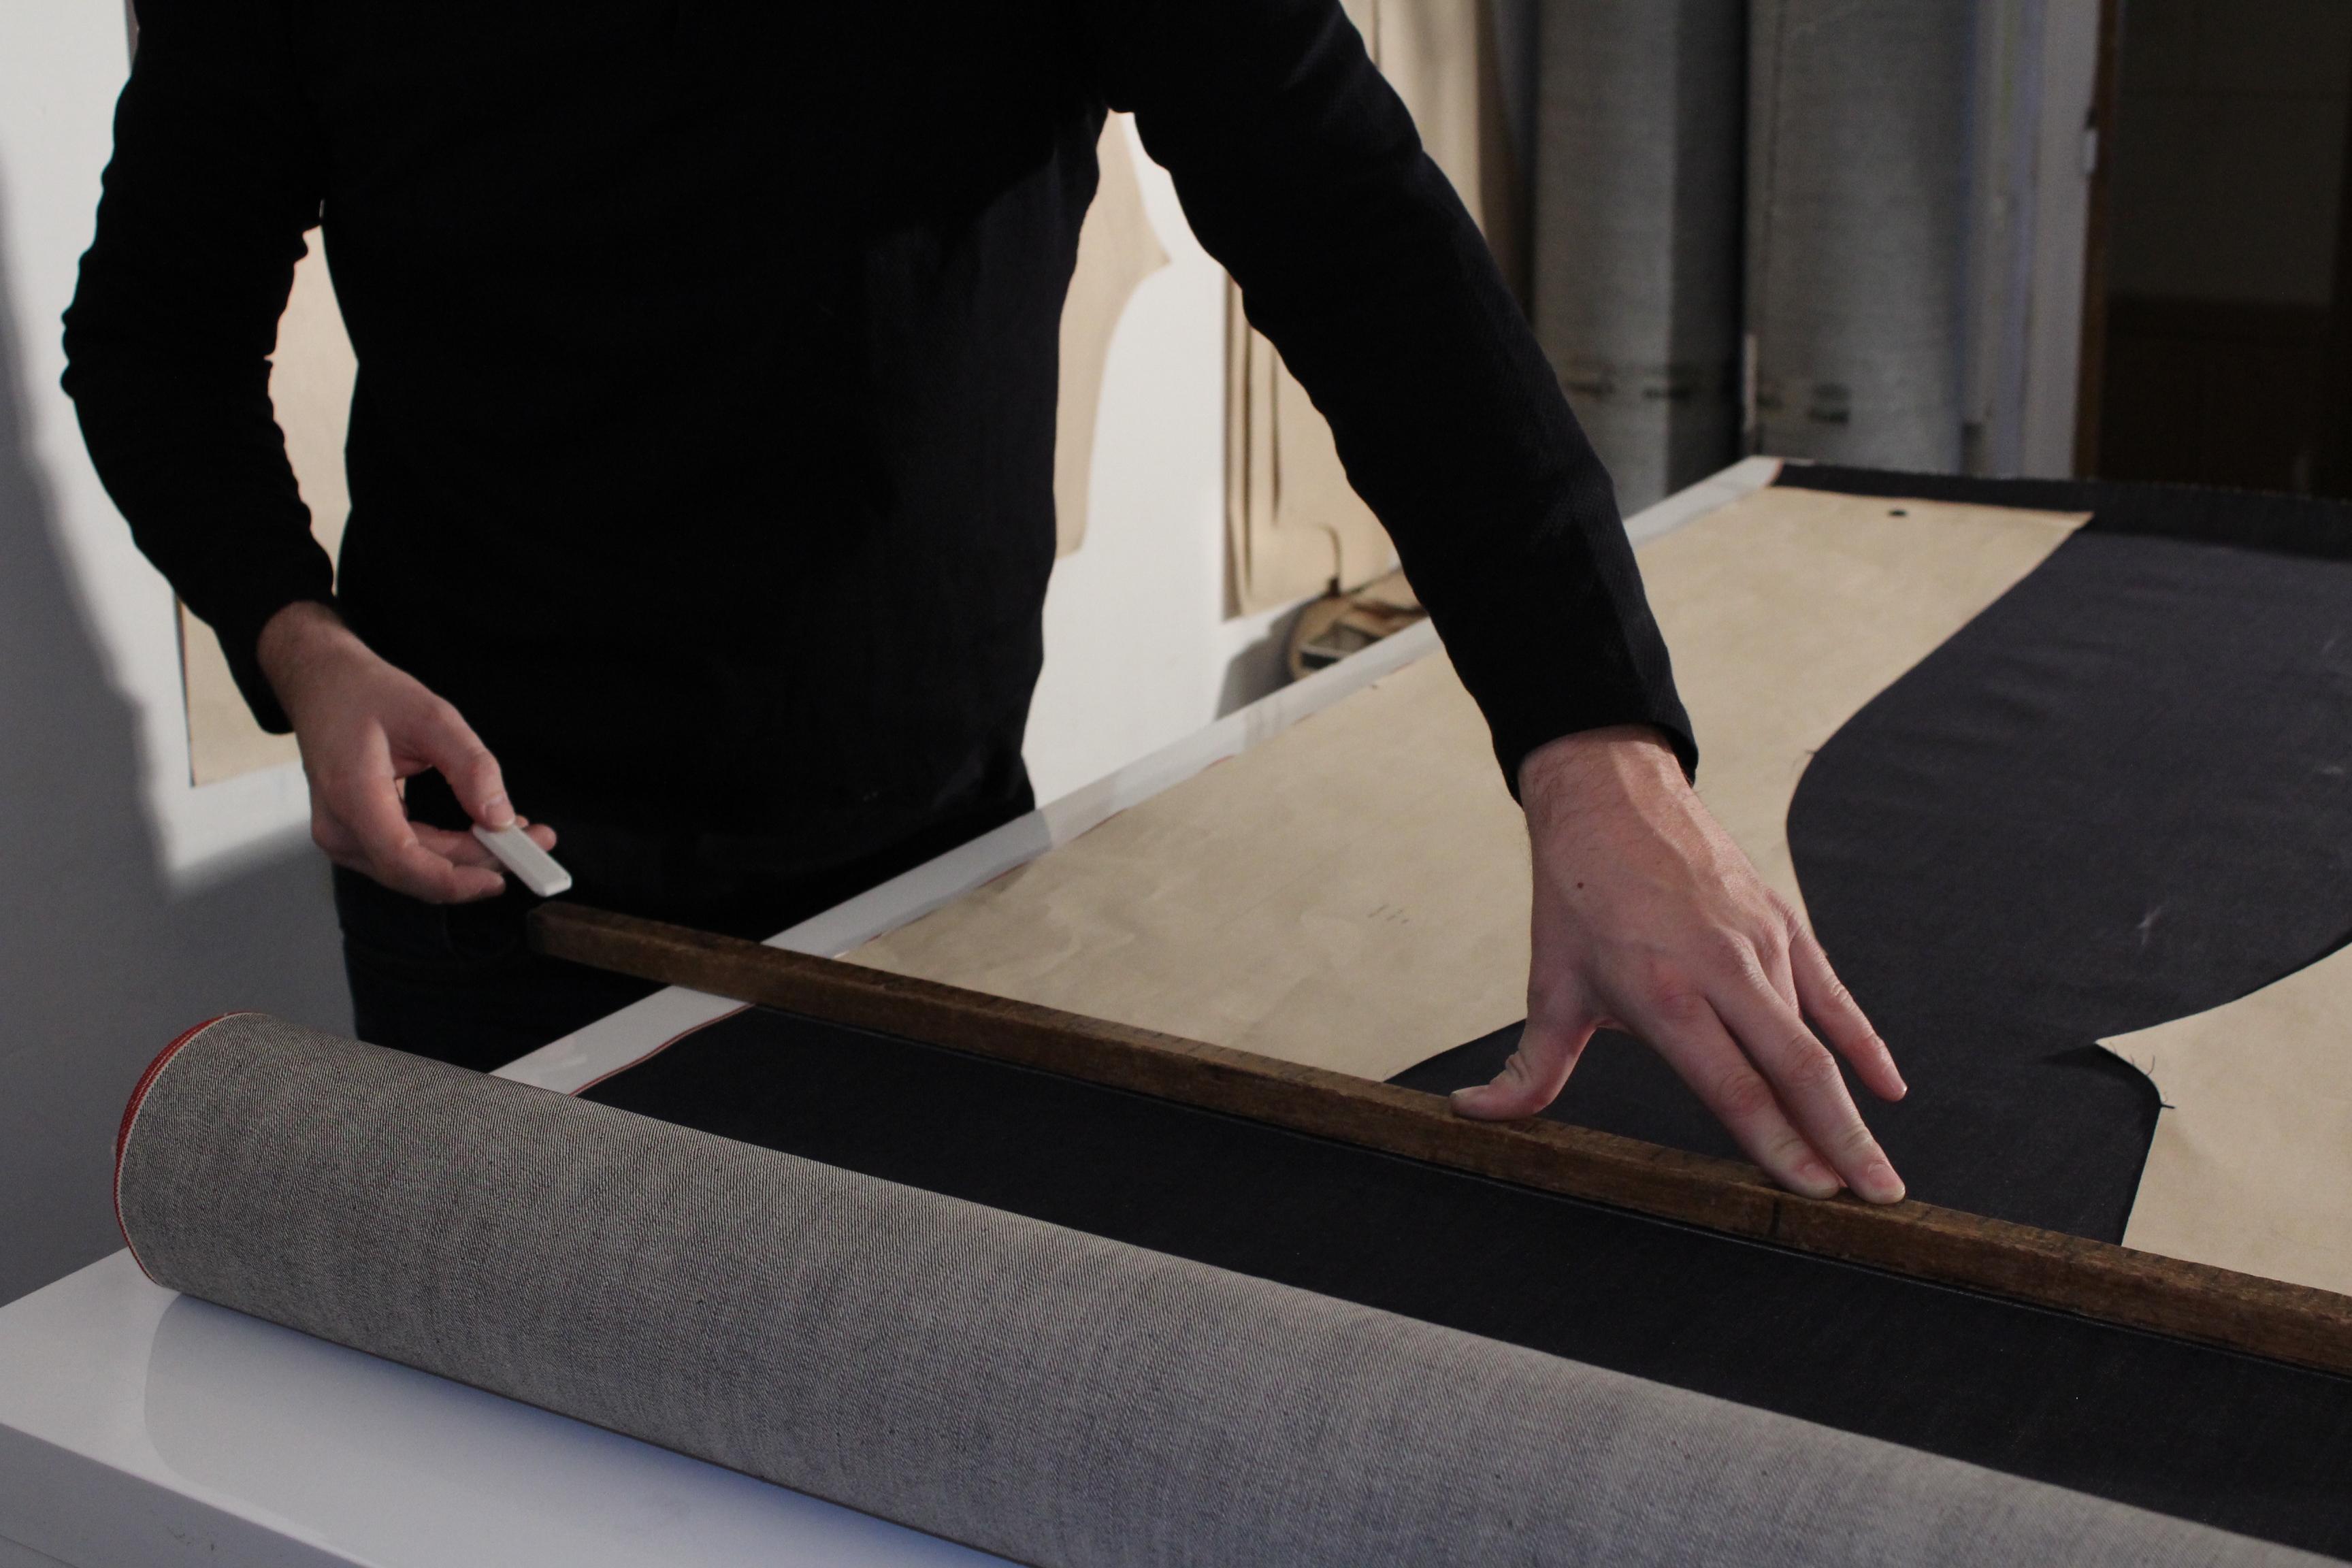 Ateliers de Nïmes handcrafted artisanat denim